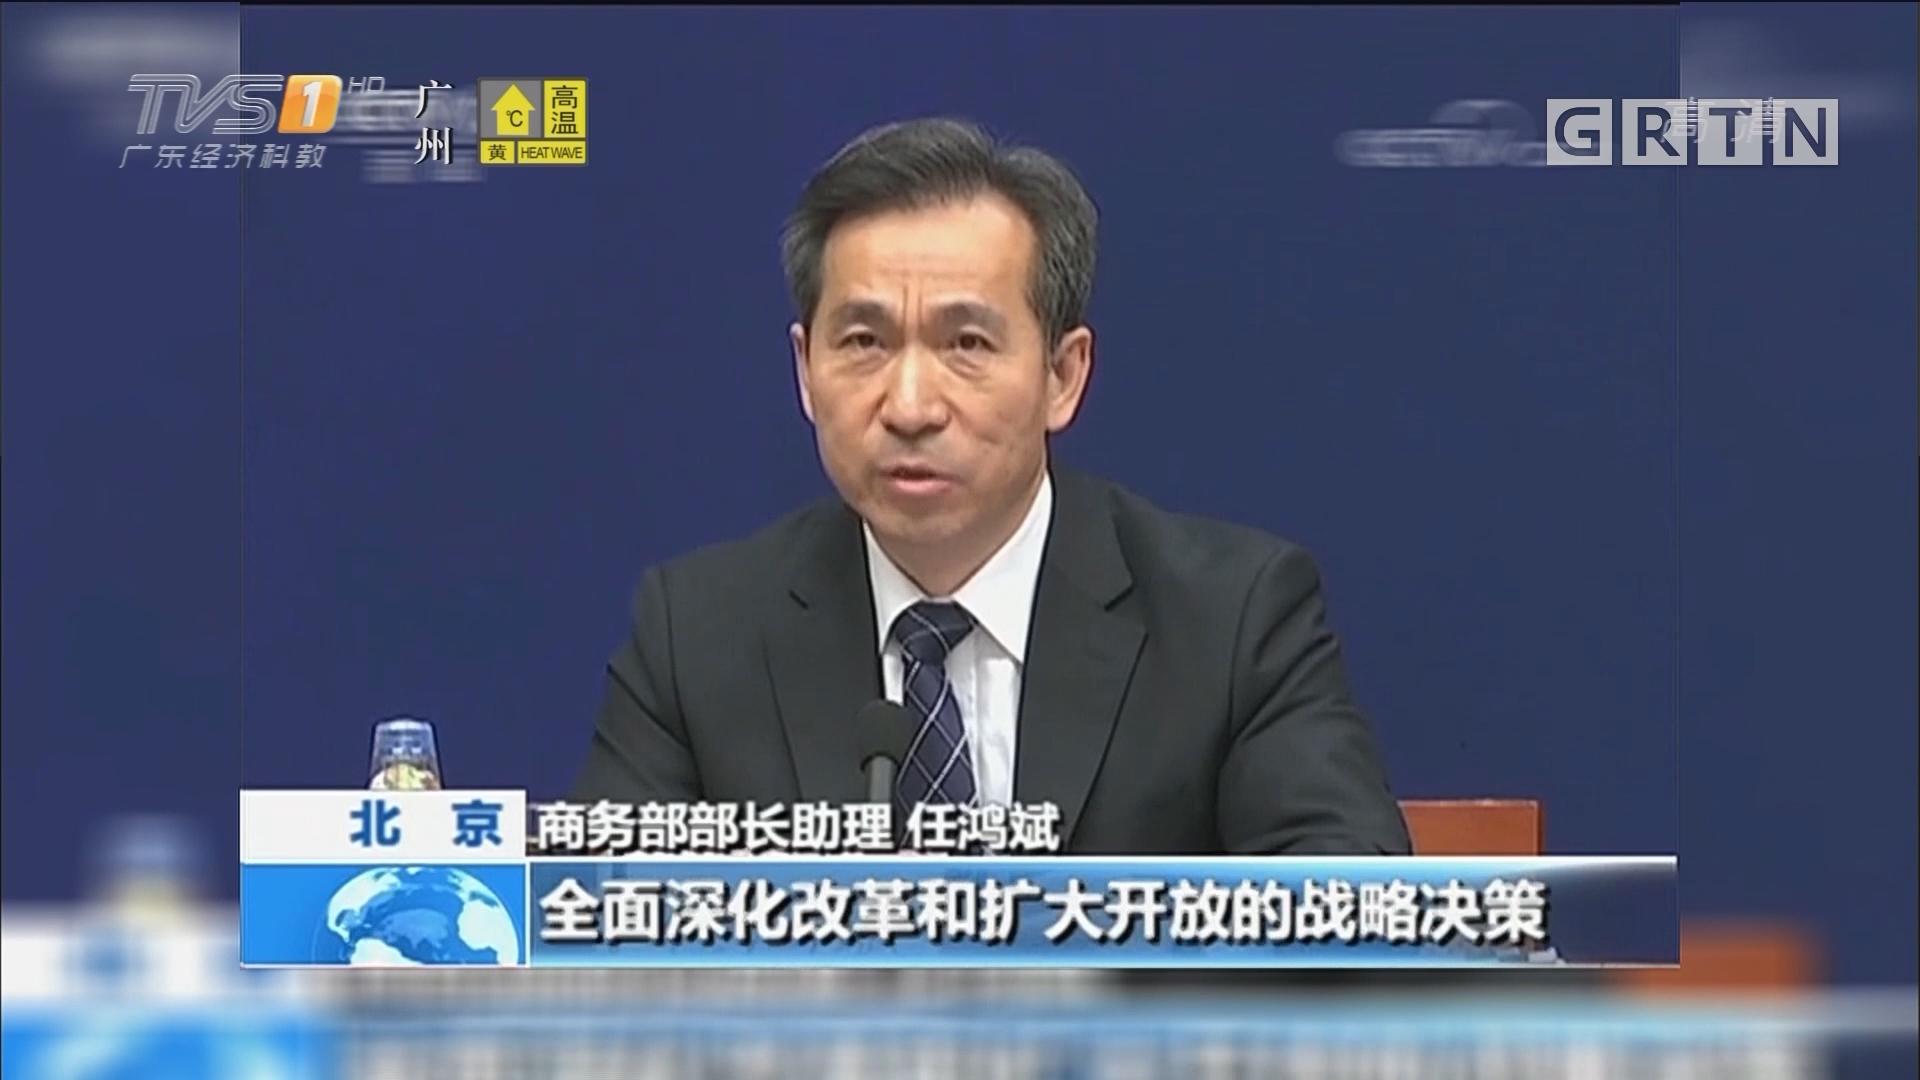 进一步深化广东天津福建自贸区改革开放方案:提出各具特色 各有侧重的举措